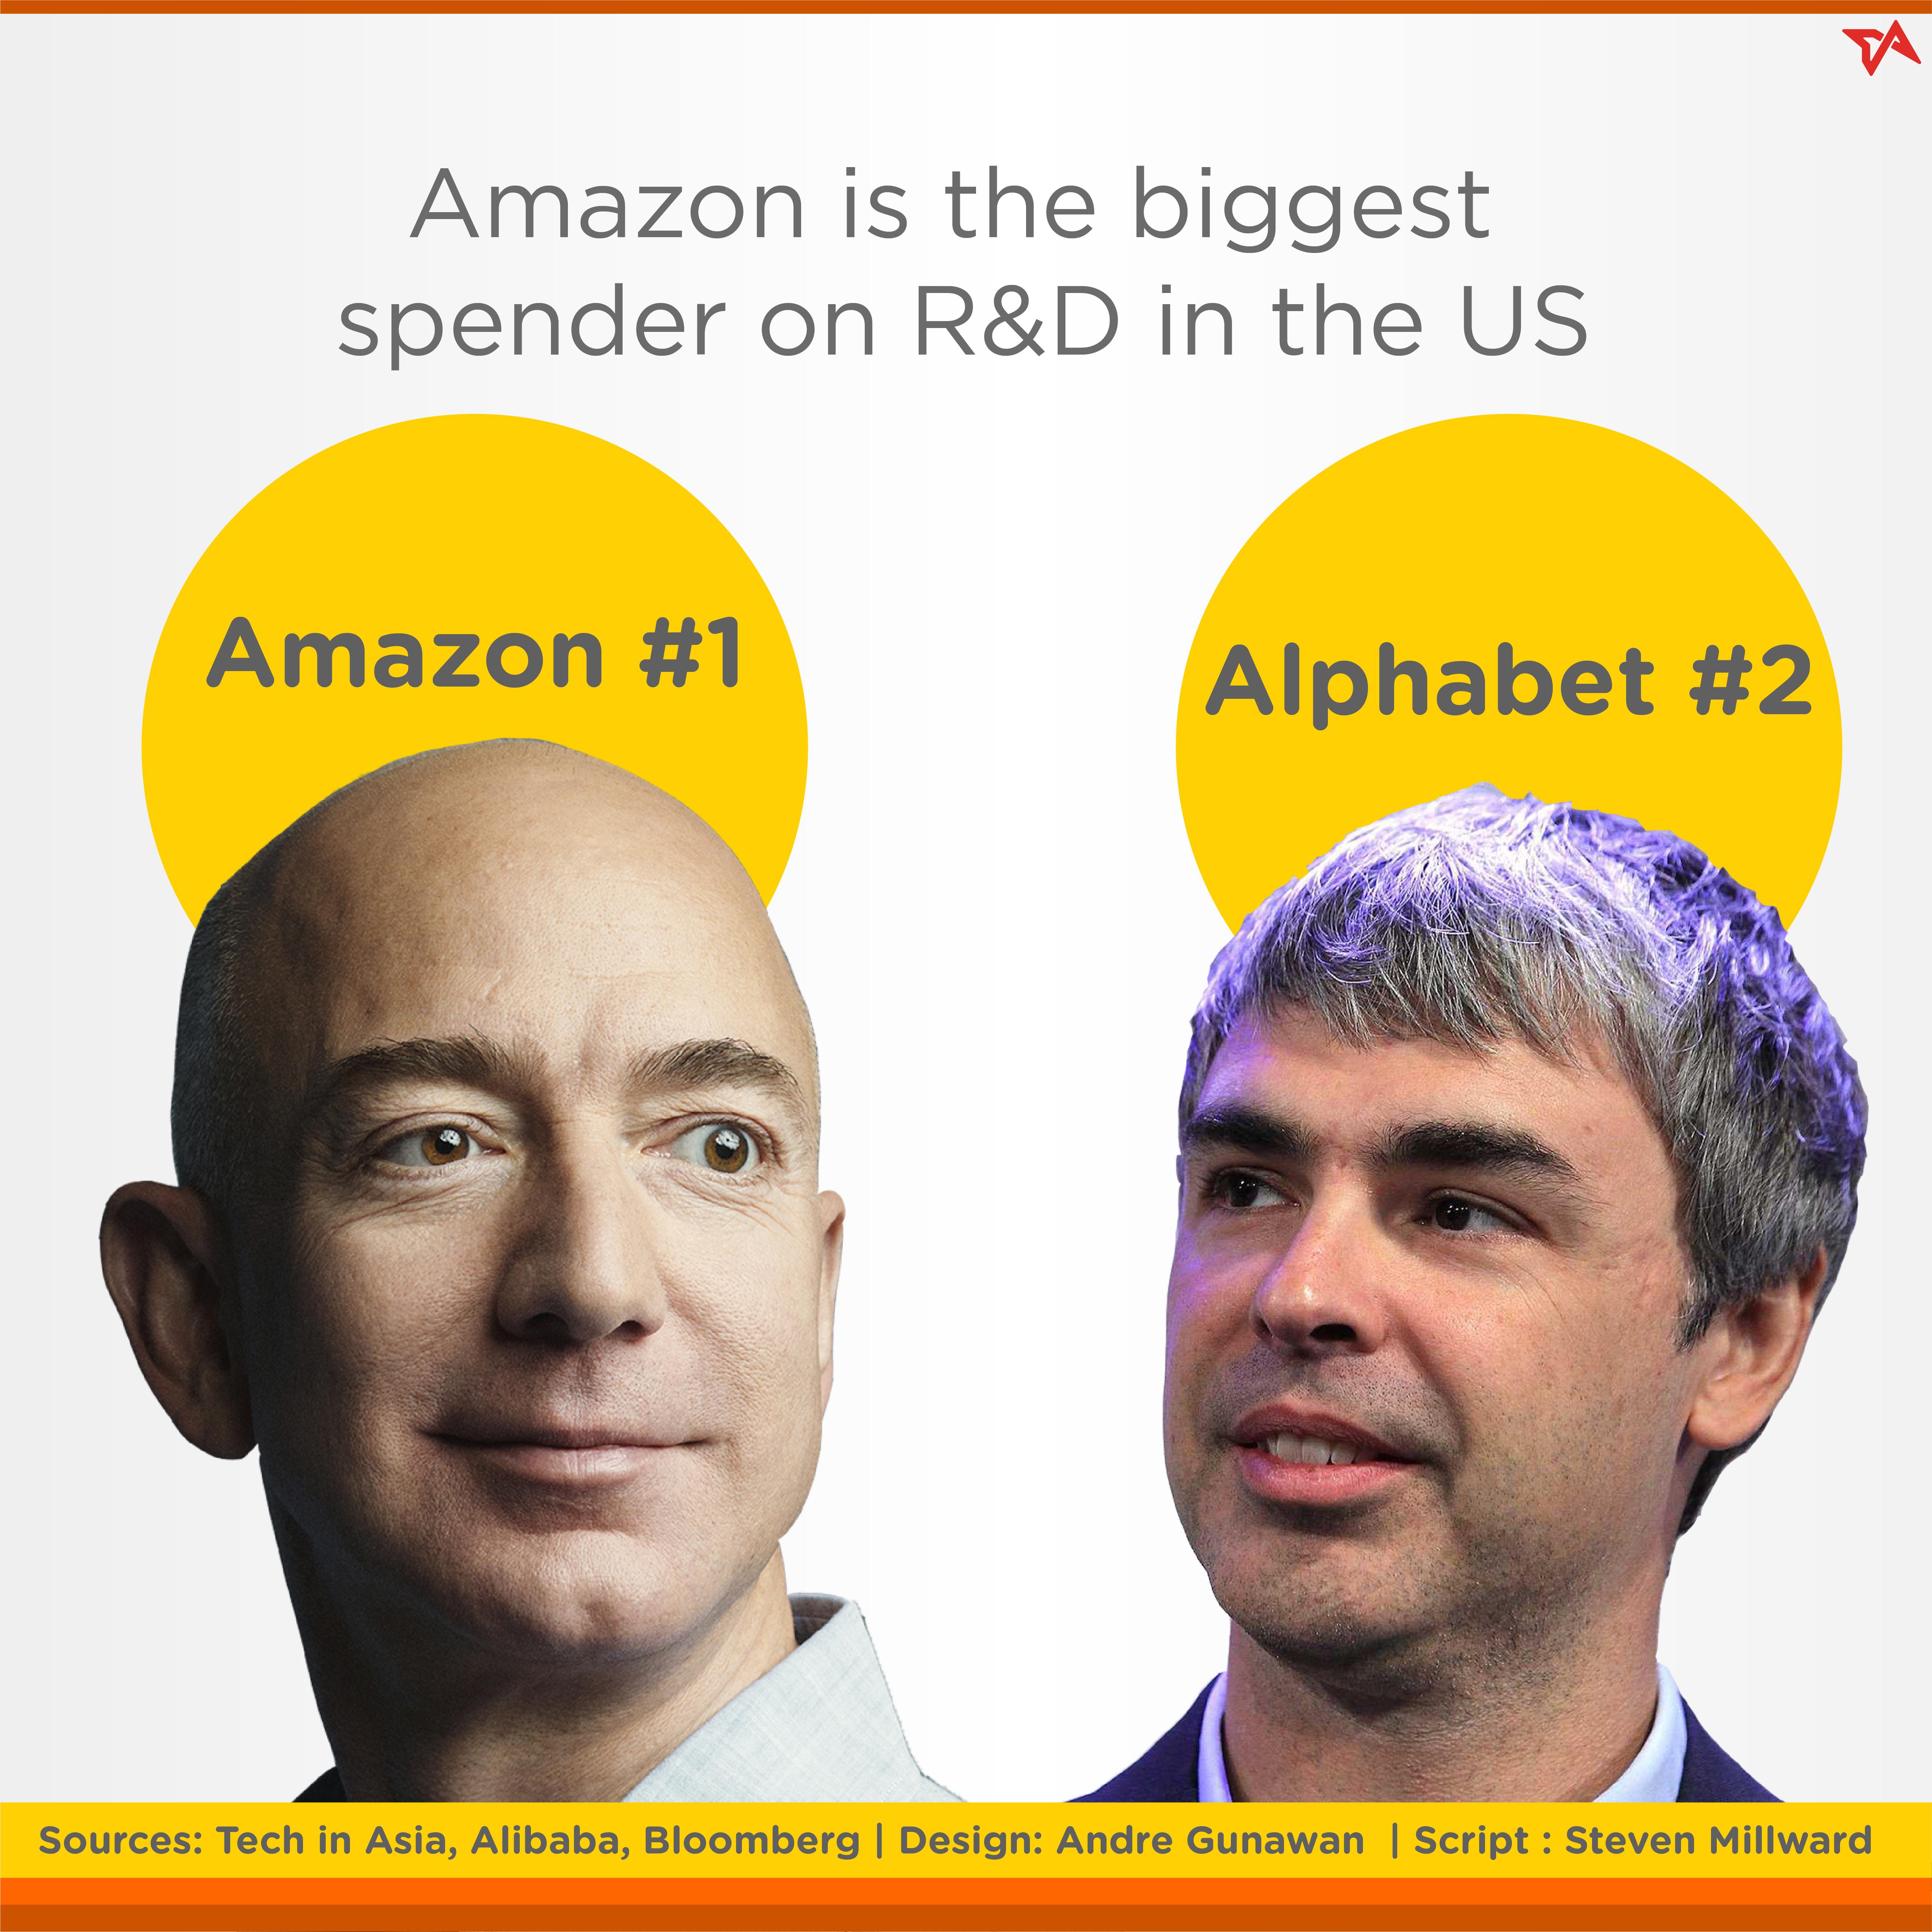 Alibaba versus Amazon in R&D